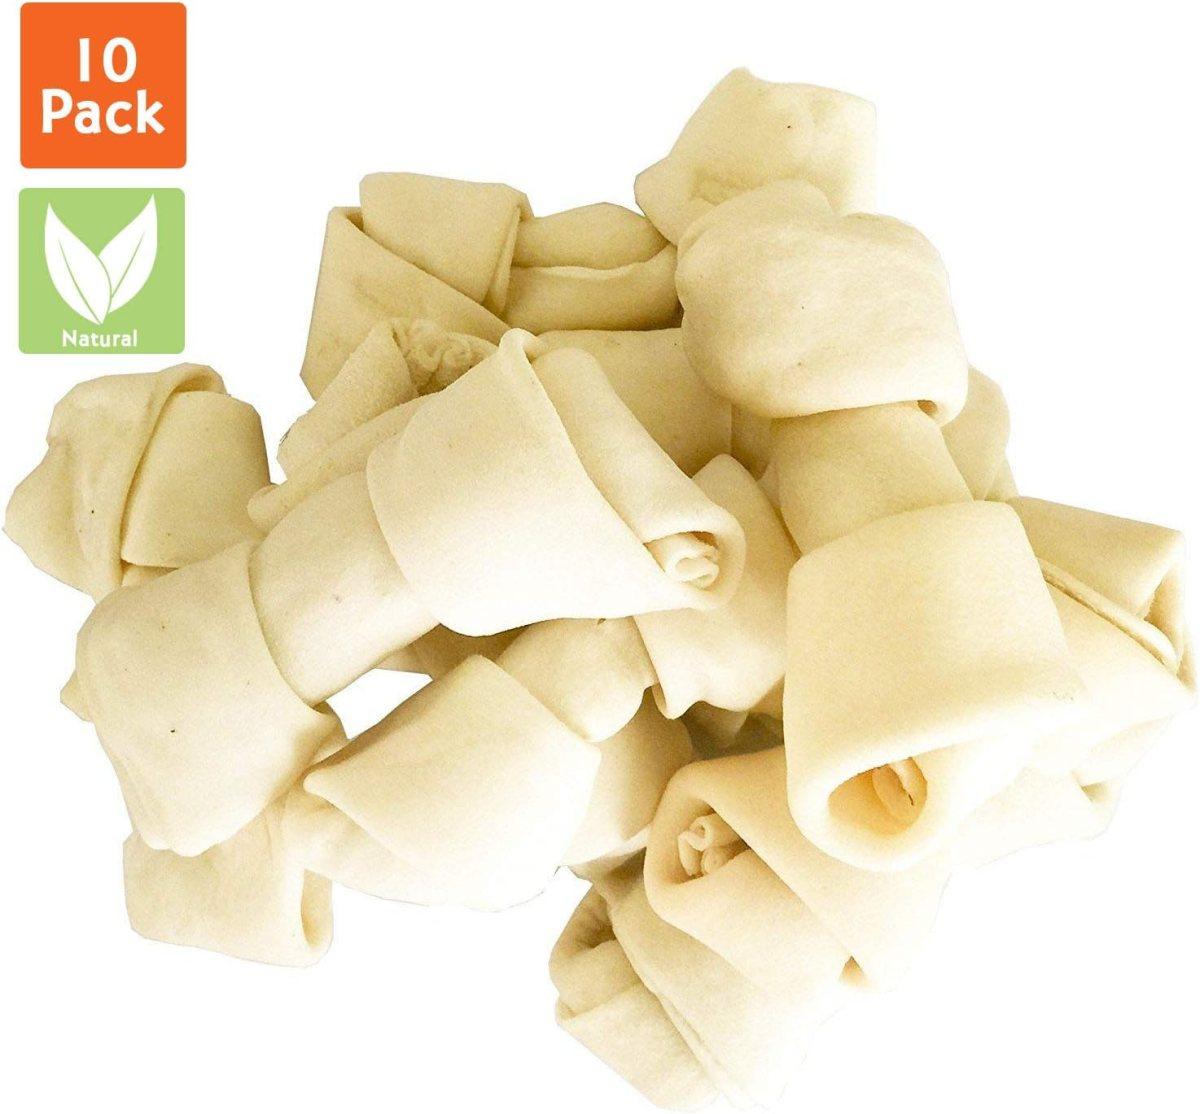 Huesos de Cuero Crudo Natural – Delicias masticables para Perros Altamente proteicas y Bajas en Grasa para los Dientes y el Comportamiento de los Perros sanos, 10 Unidades (Medio)